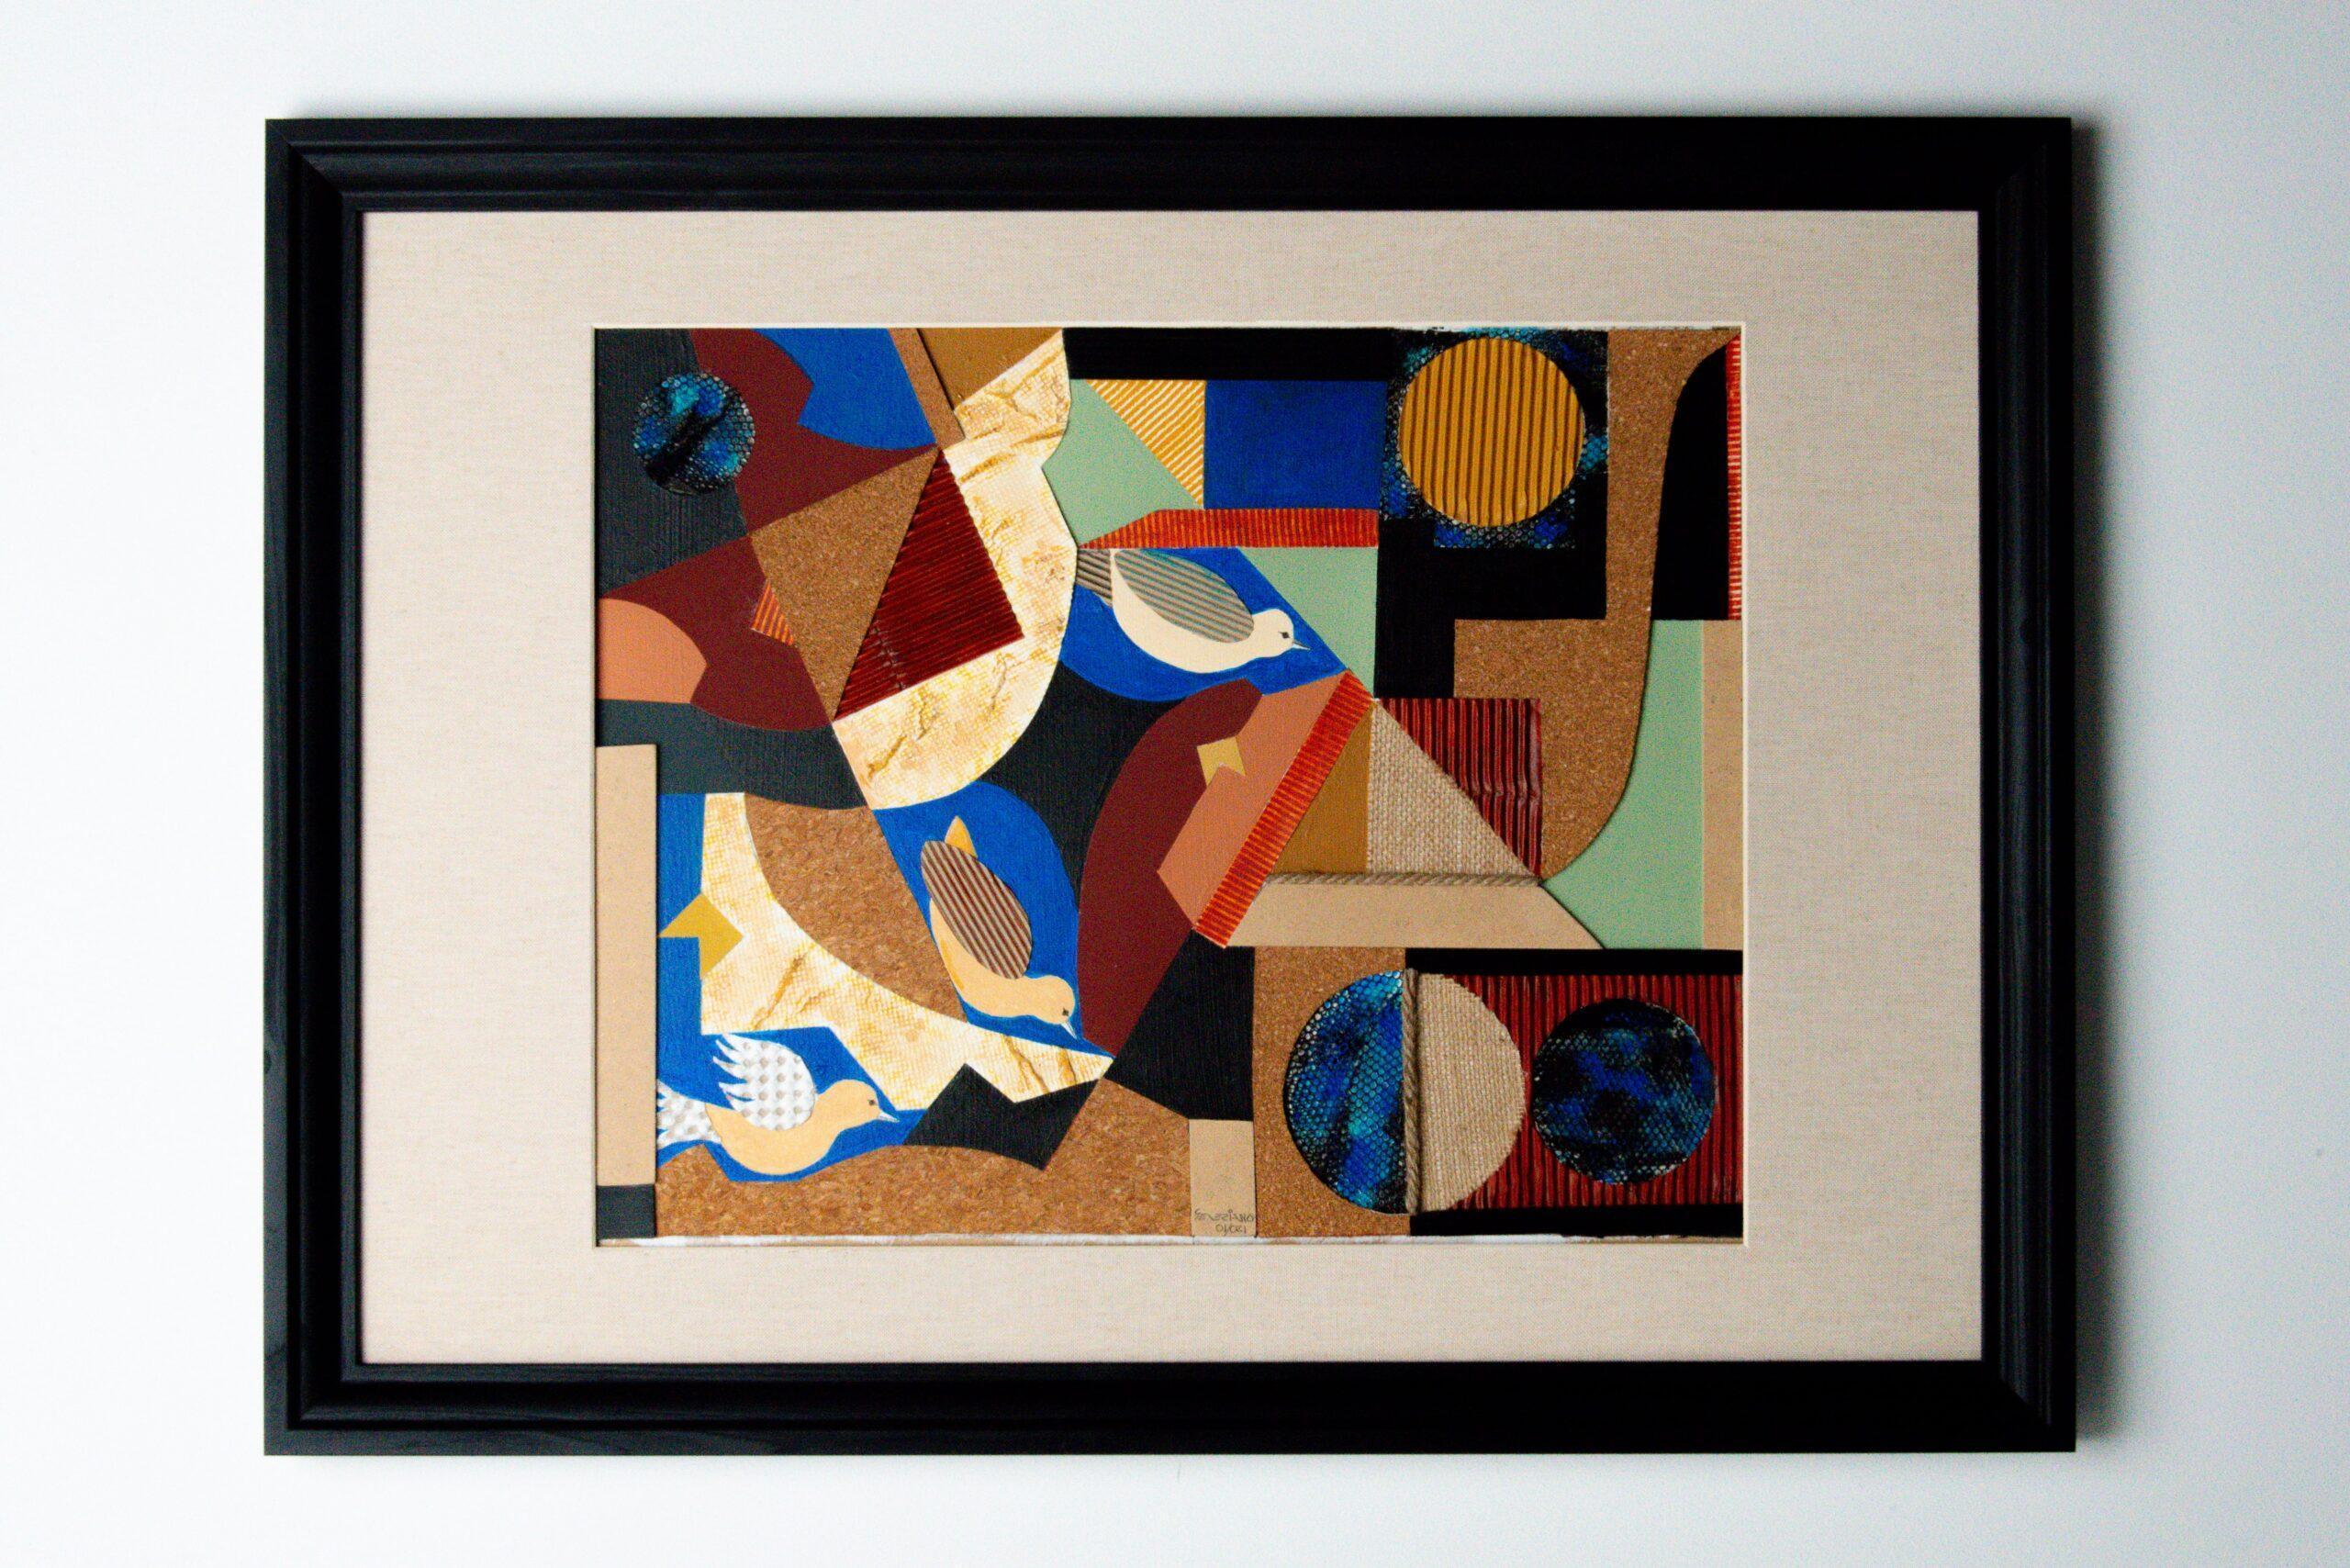 Obras de Arte e Quadros de José Severiano Planeta Pássaro